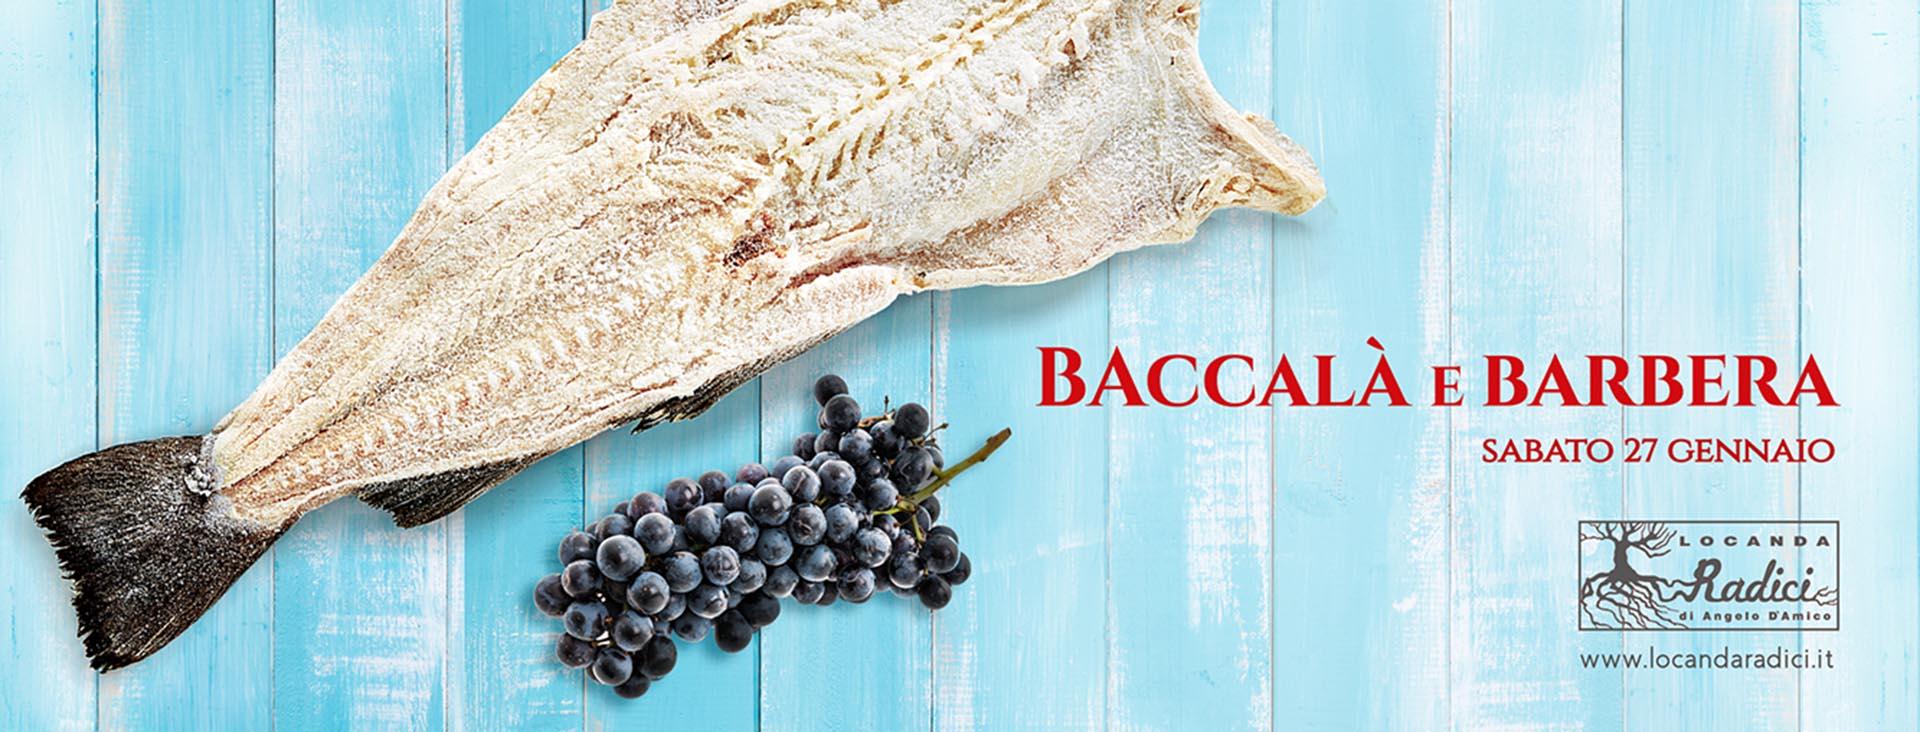 baccala-e-barbera-copertina ridotto